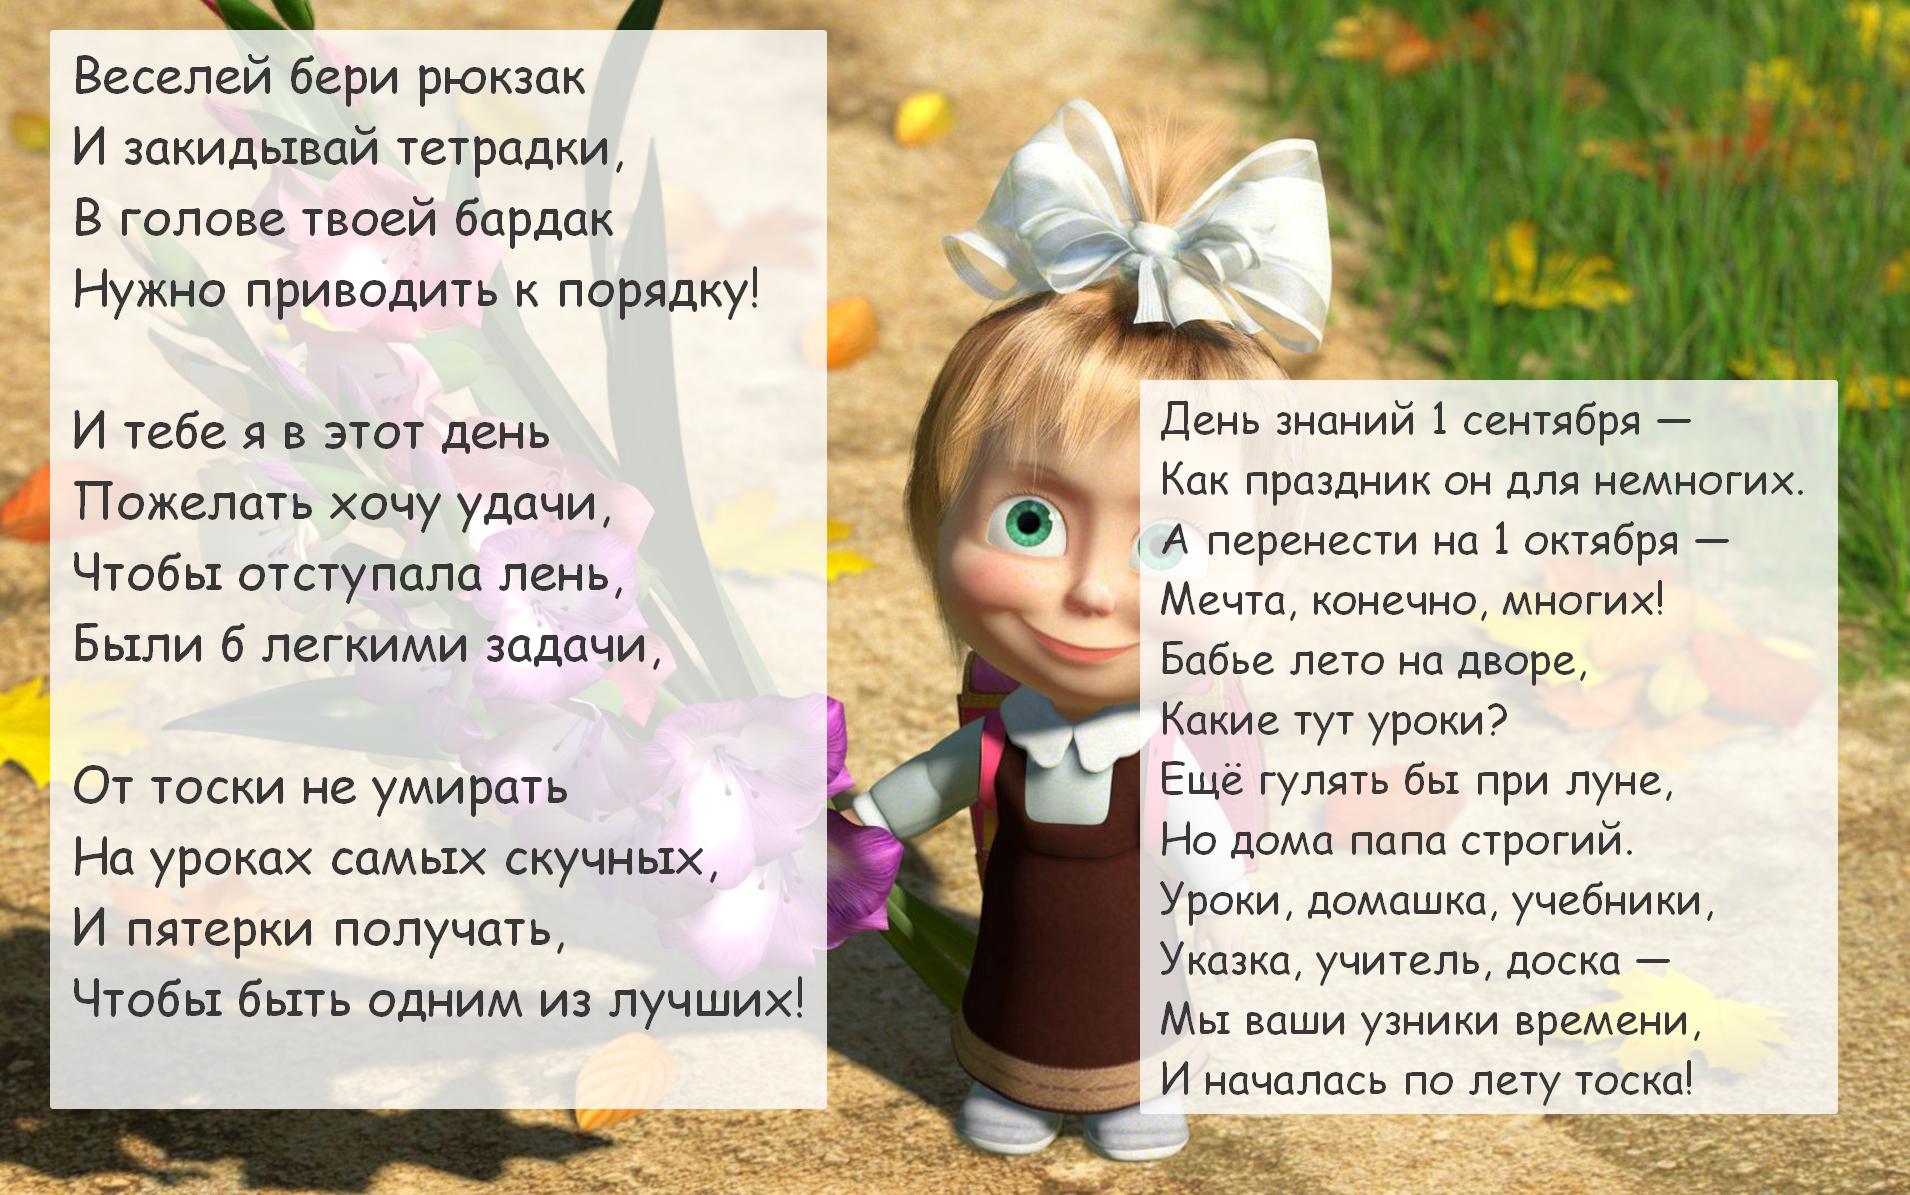 Стих пожелания лучшим ученикам